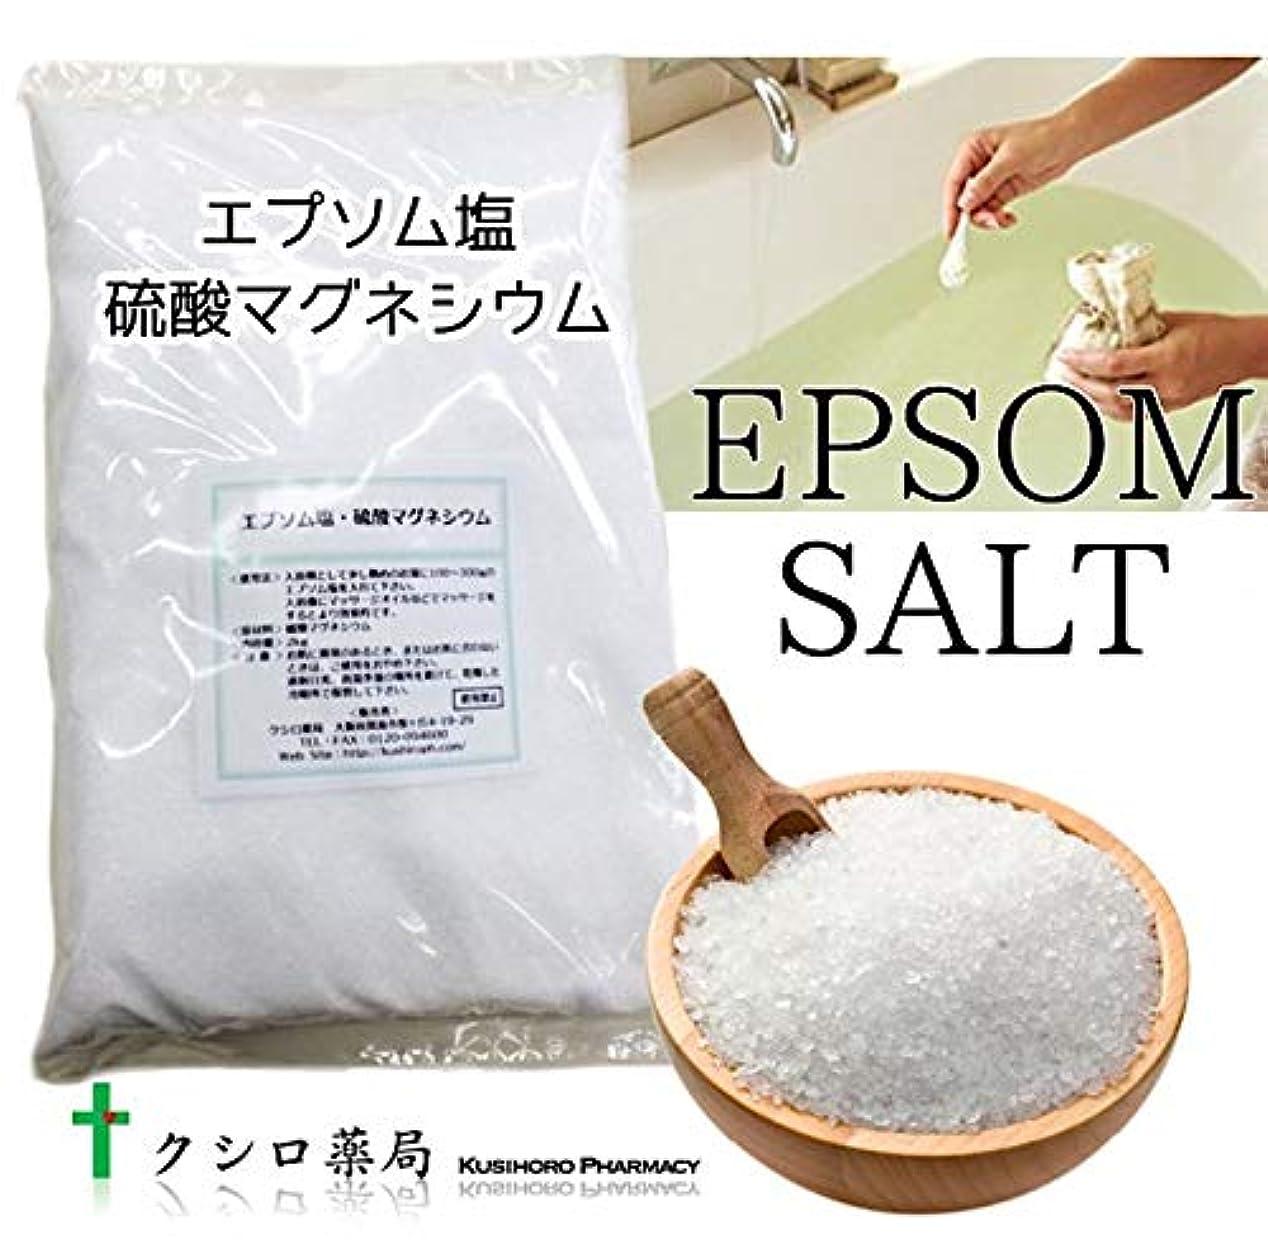 アルバムディスカウント弱点エプソム塩?硫酸マグネシウム 2kg 【クシロ薬局エプソム塩?硫酸マグネシウム Epsom Salt】 (5袋)